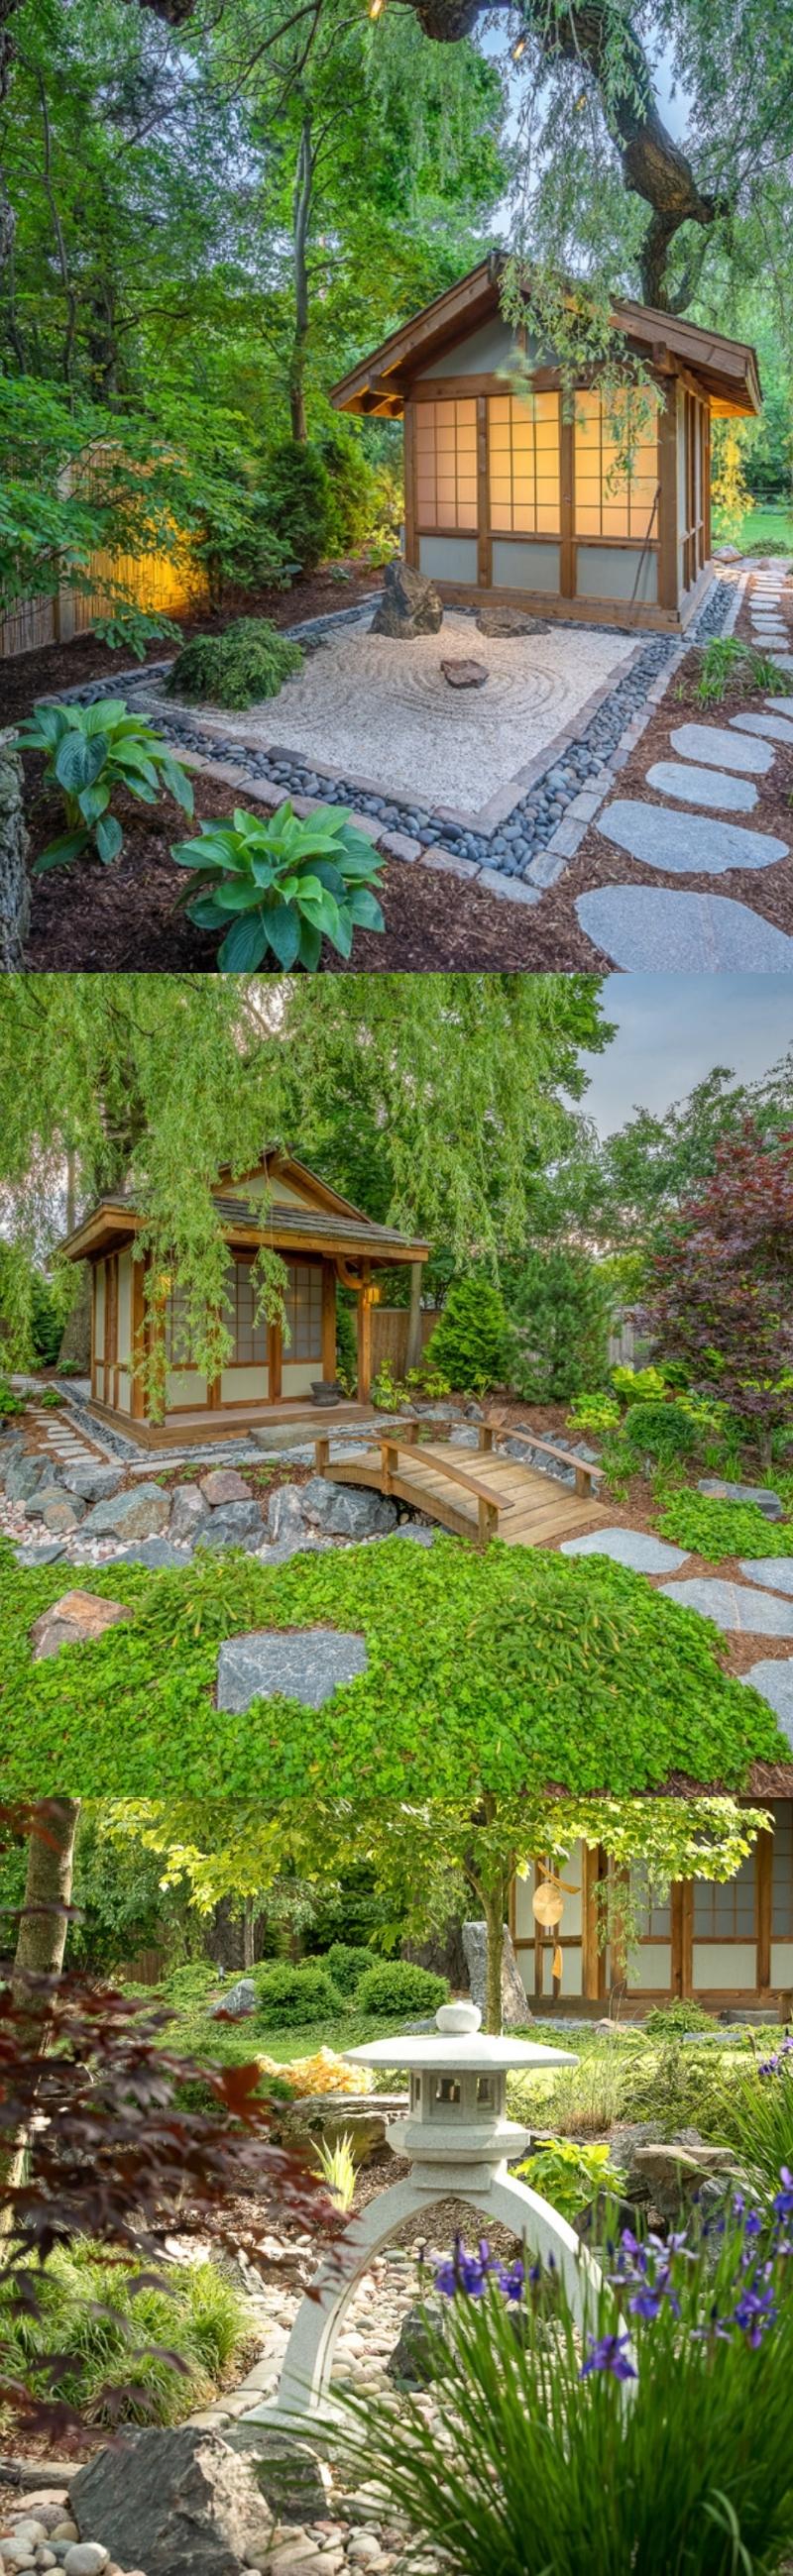 21+ Beautiful Zen Garden Ideas 2019 (How to Build Zen ...